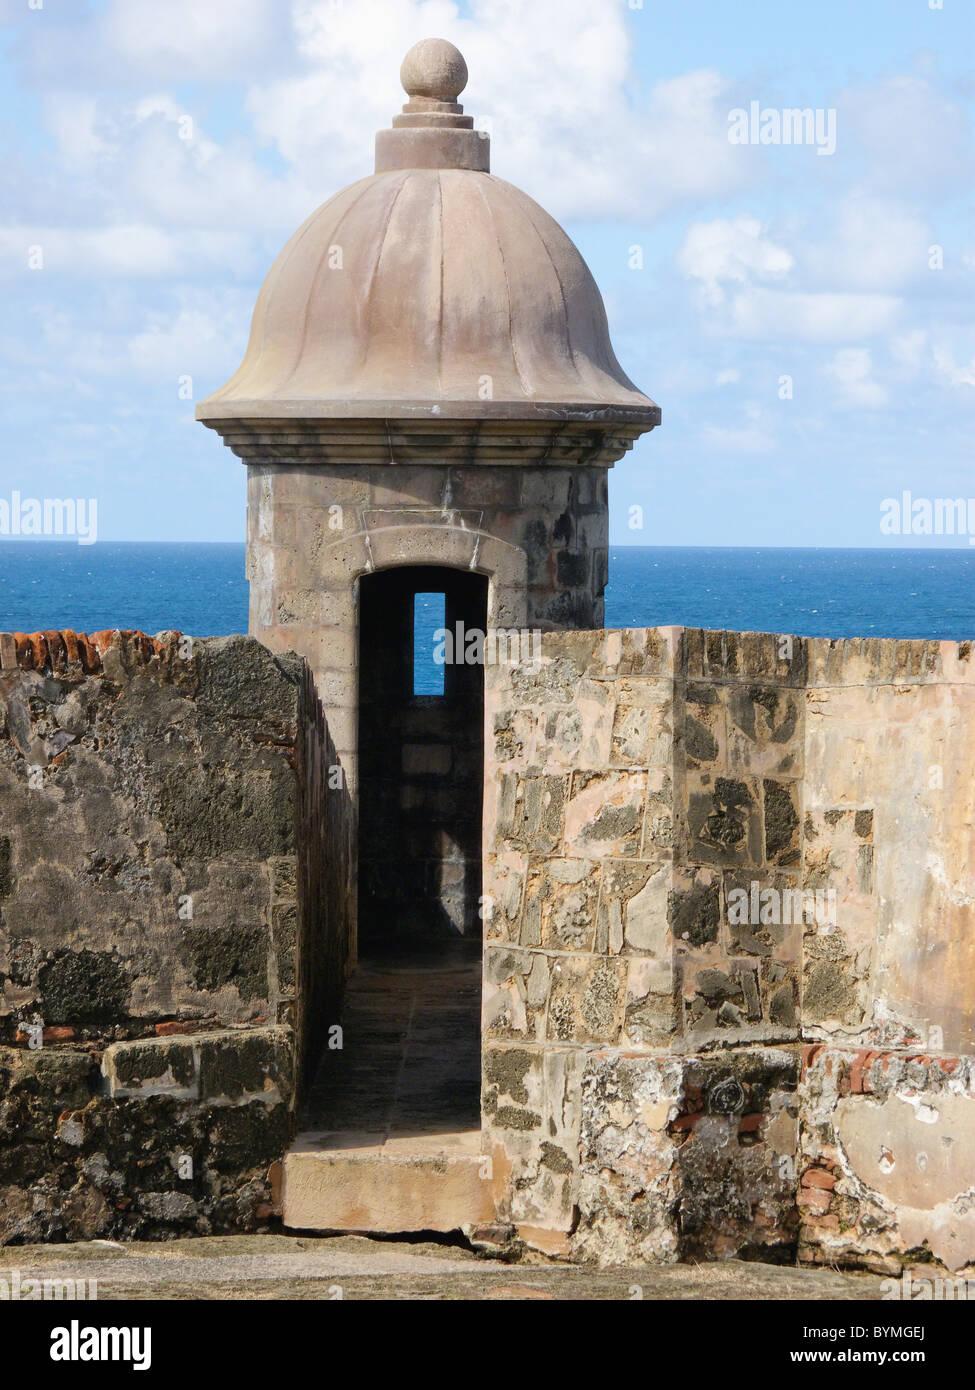 Poste de garde sur le mur d'un Fort, le Fort San Cristobal, San Juan, Puerto Rico Photo Stock